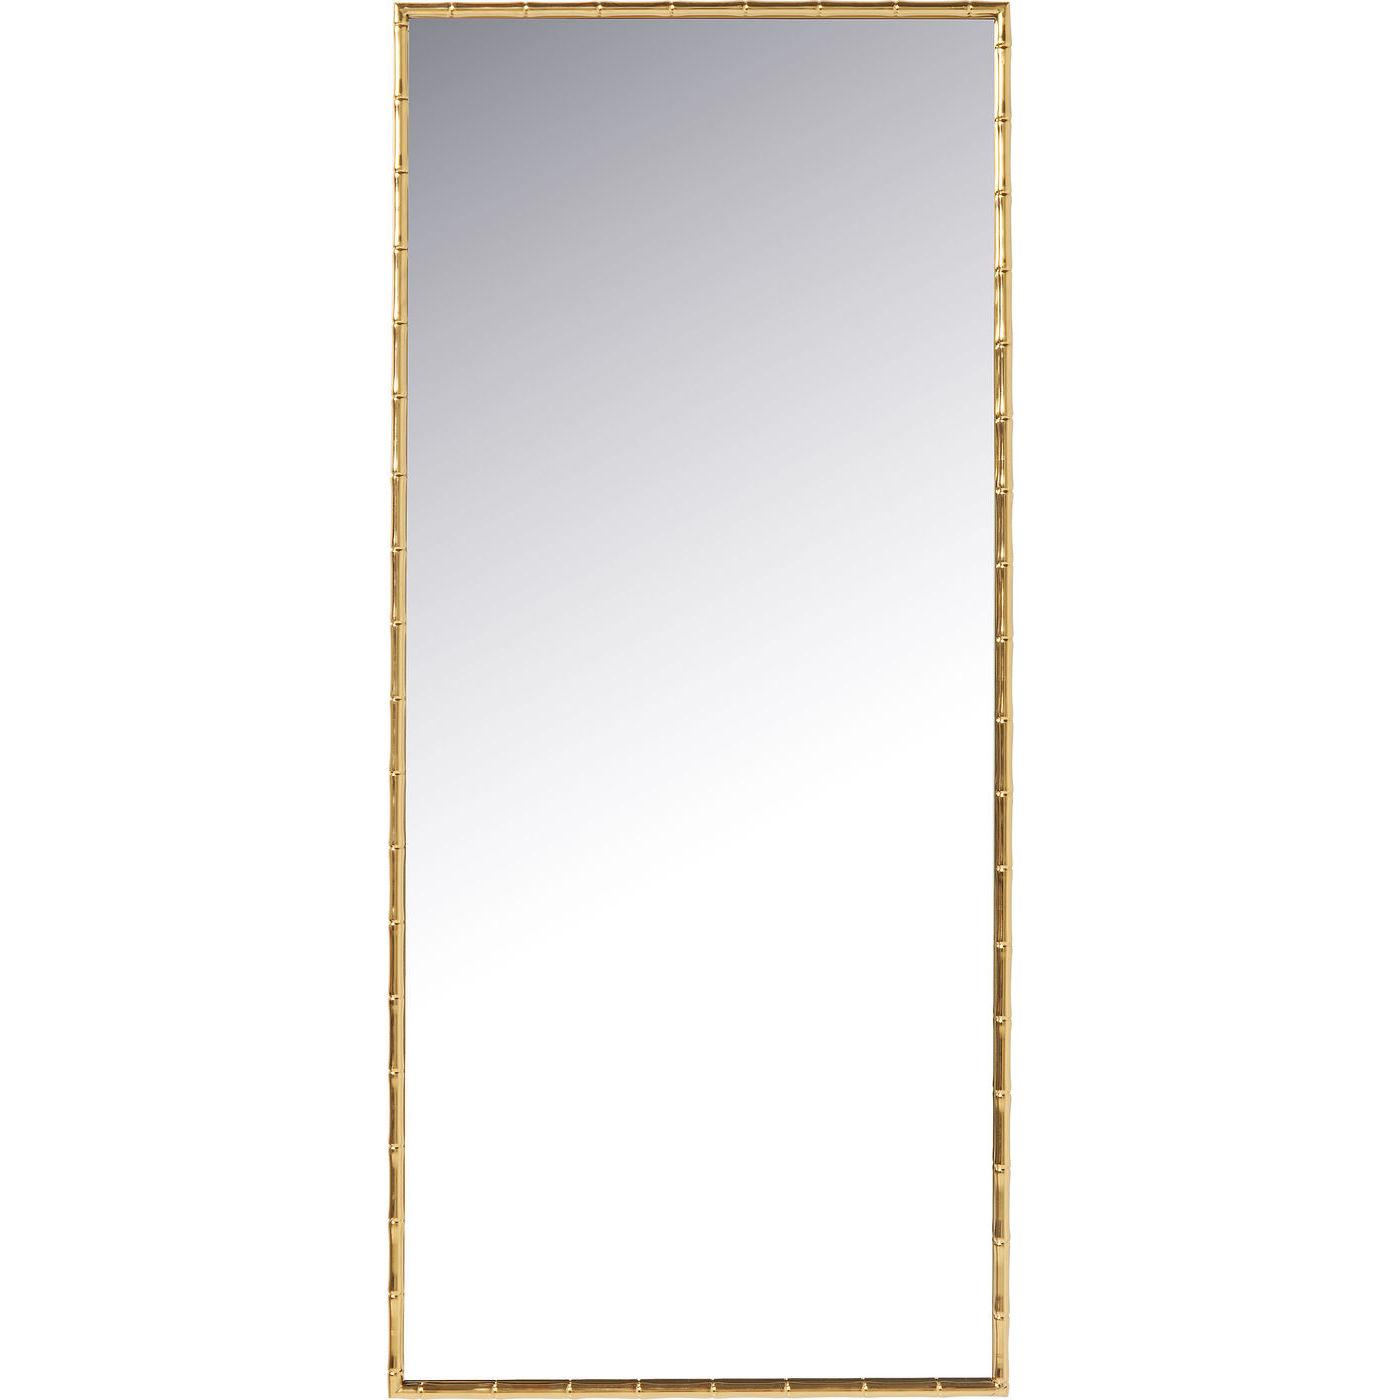 Kare design hipster bamboo vægspejl - spejlglas/messing stål, rektangulær (180x80) fra kare design fra boboonline.dk